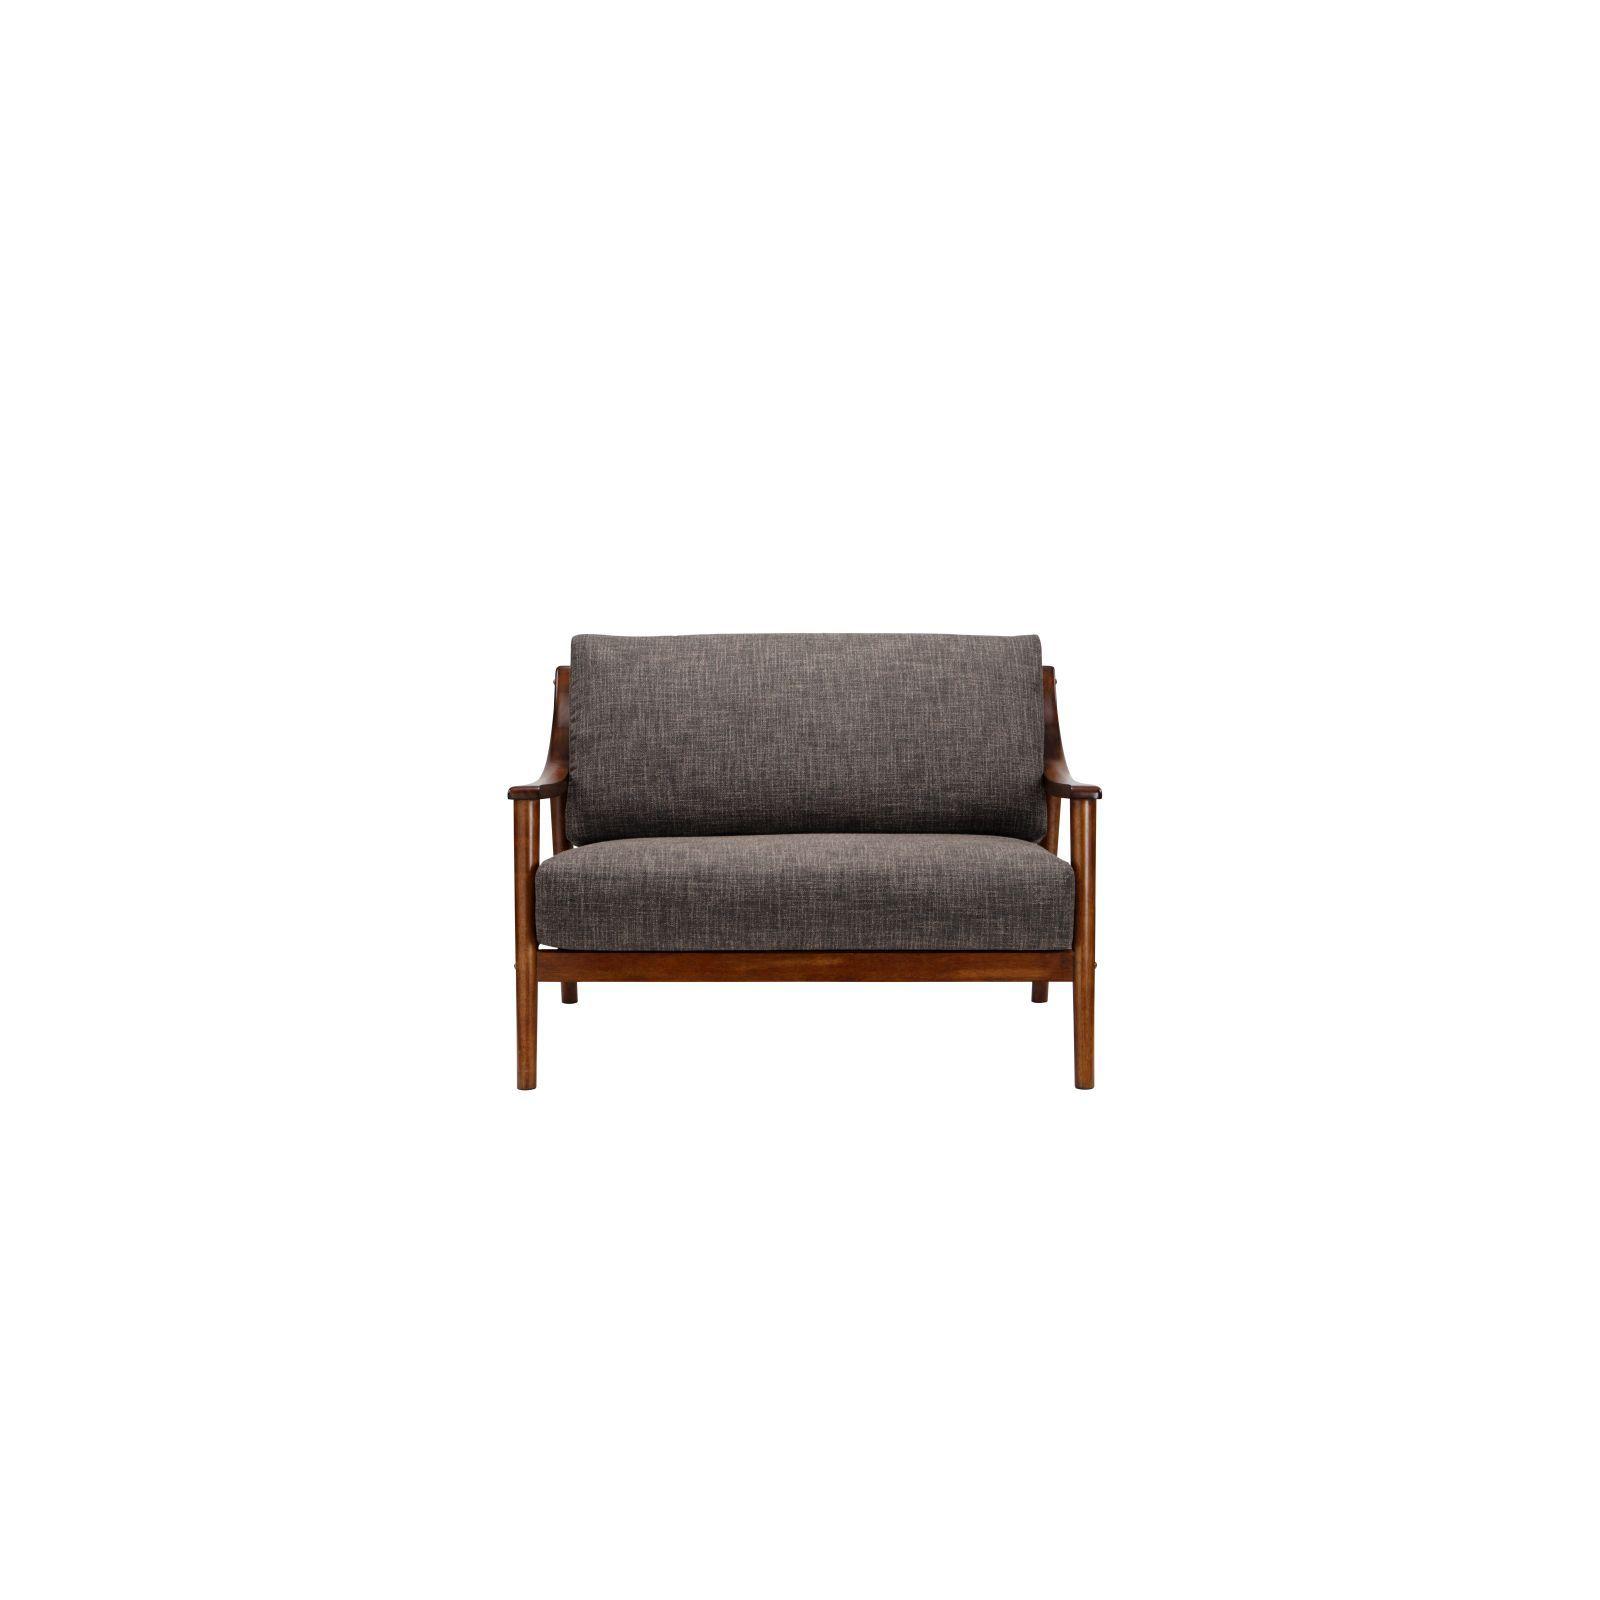 Brennan 2 Seater (Fab) Lava Fabric Sofa – Sofa & Armchairs For Brennan Sofa Chairs (View 4 of 25)